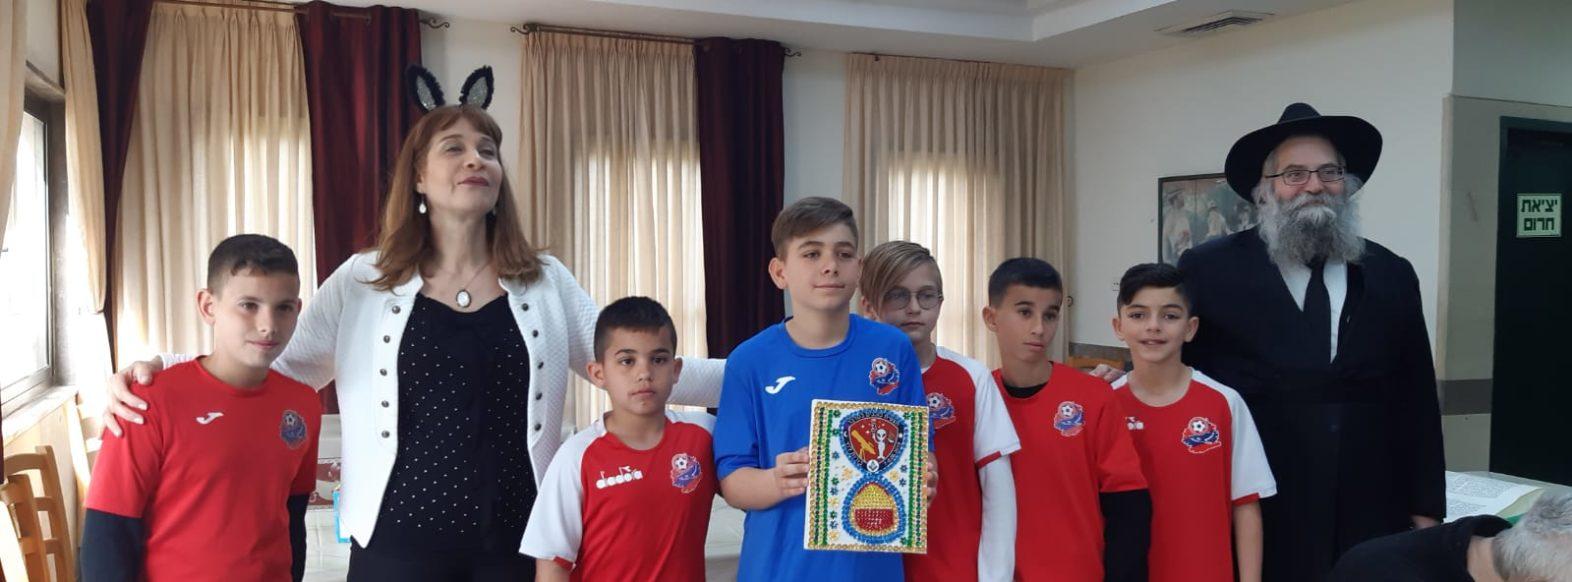 ילדי הפועל חיפה הפתיעו בחלוקת משלוחי מנות